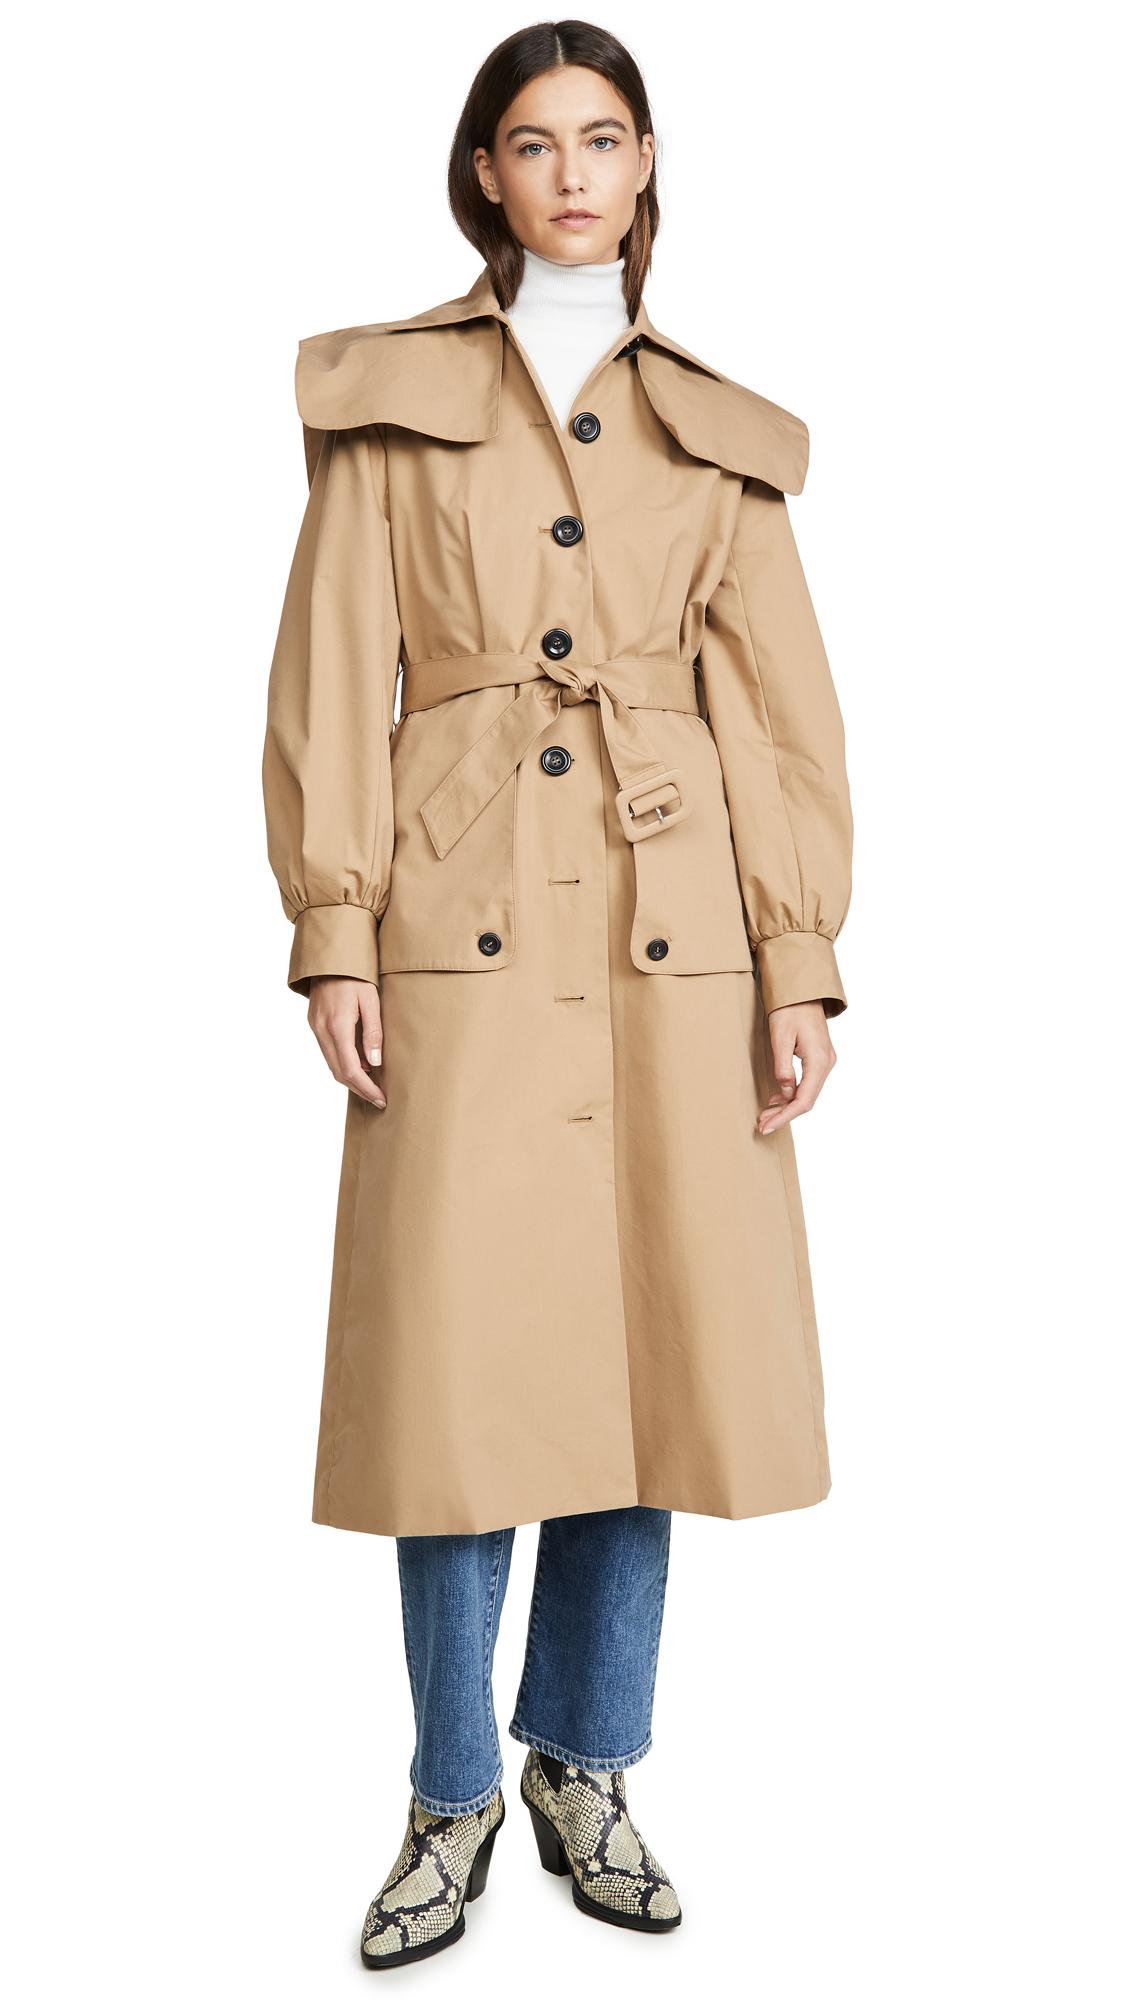 Buy Sea Scott Trench Coat online beautiful Sea Jackets, Coats, Trench Coats